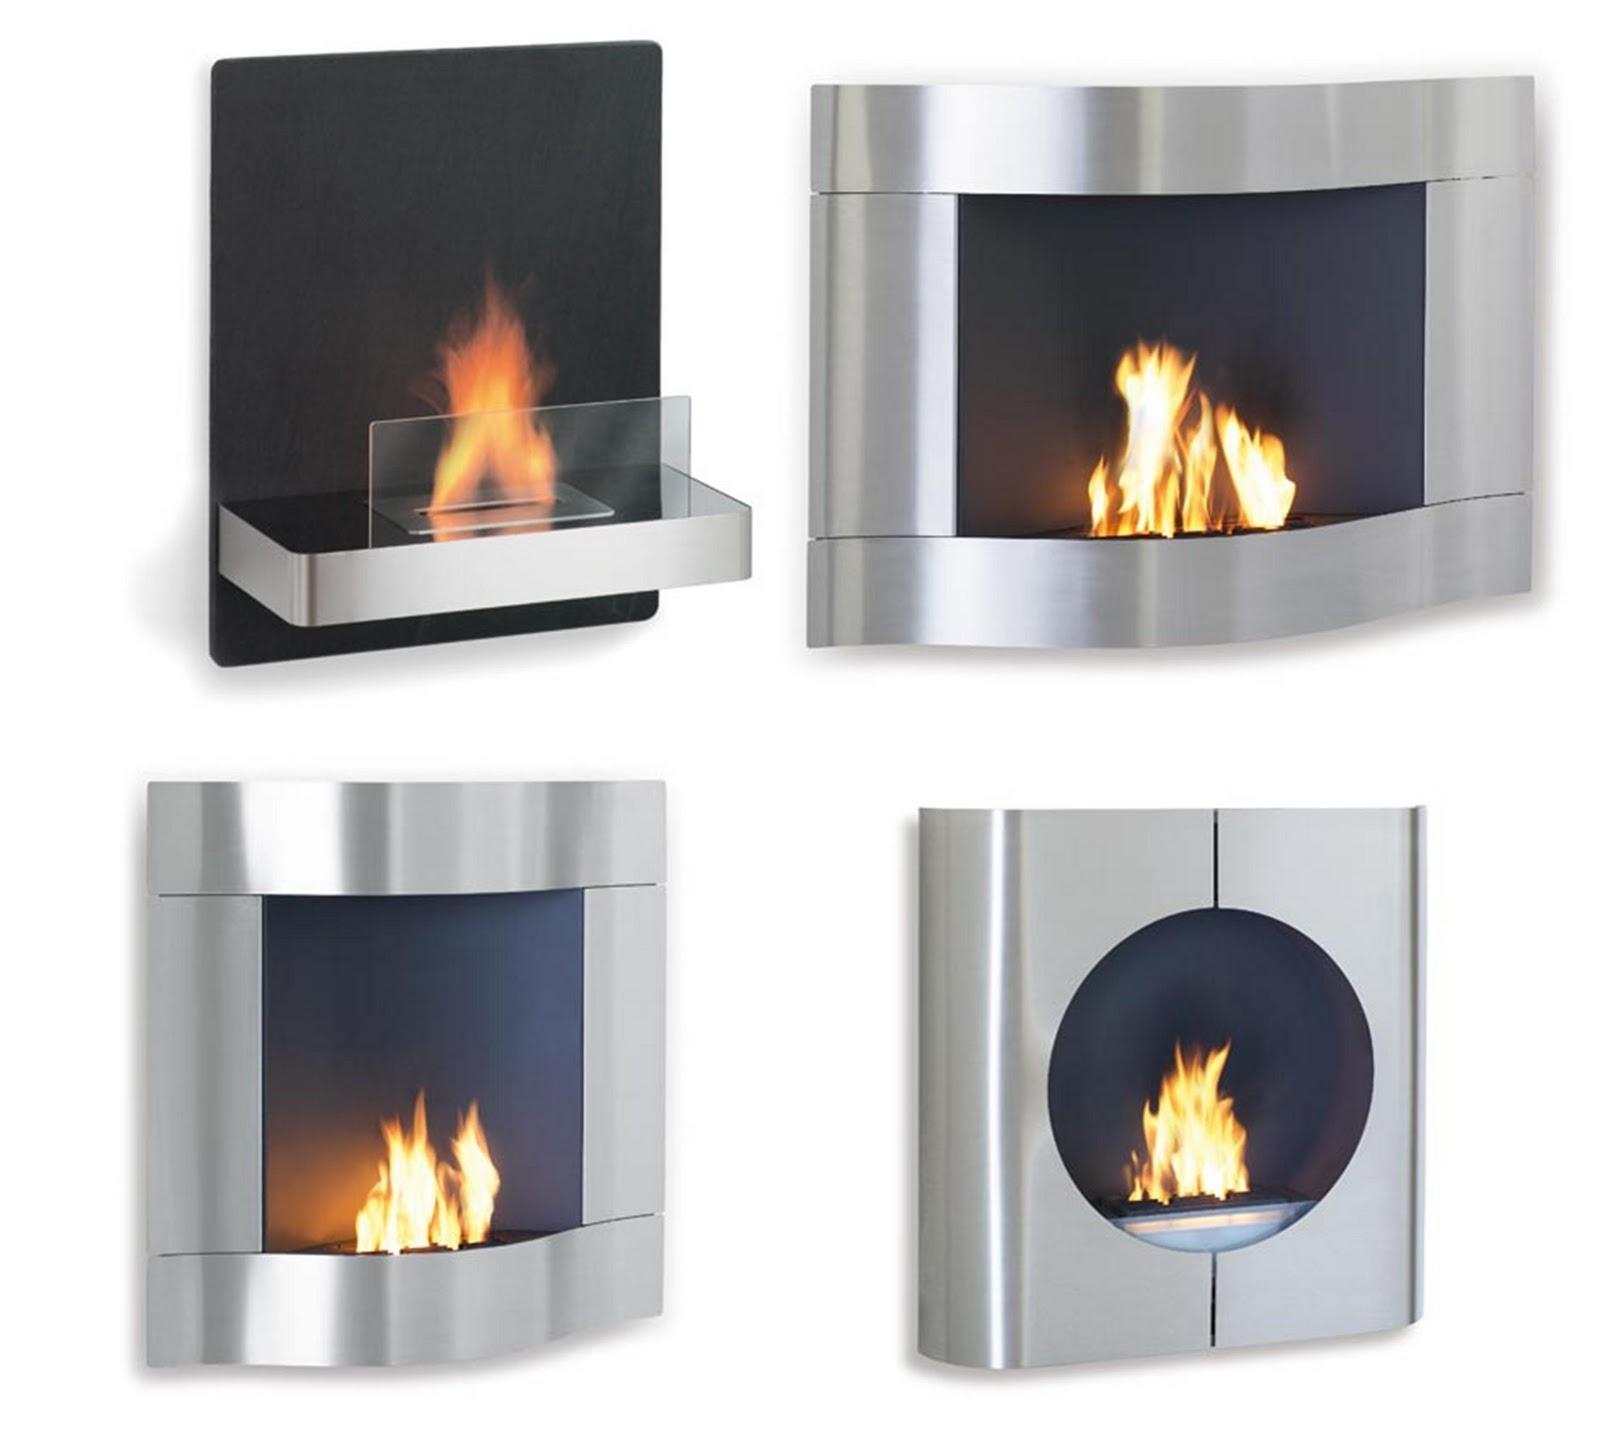 Ventless Gas Wall Heater